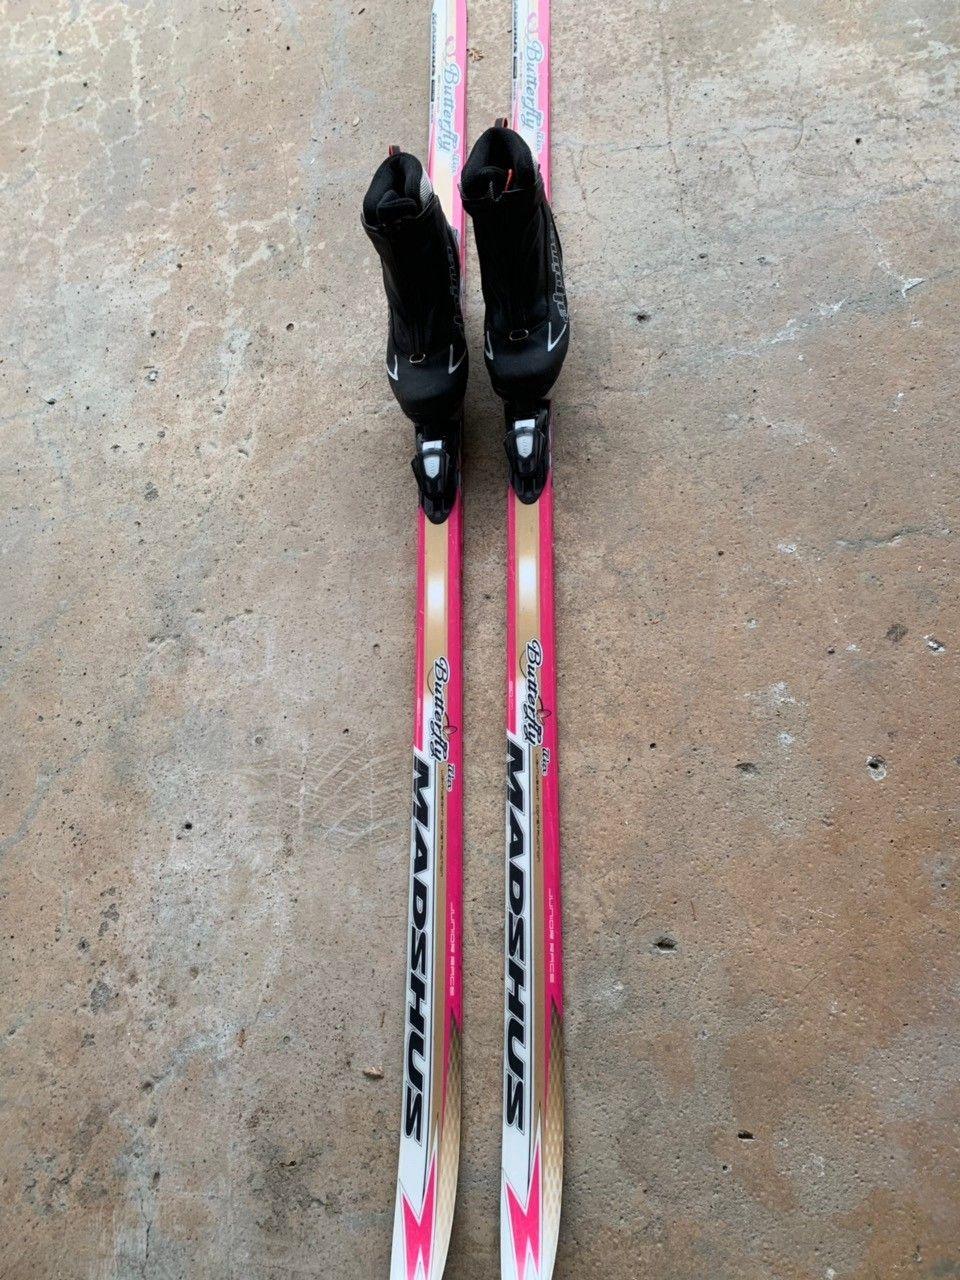 slalomski sko størrelse